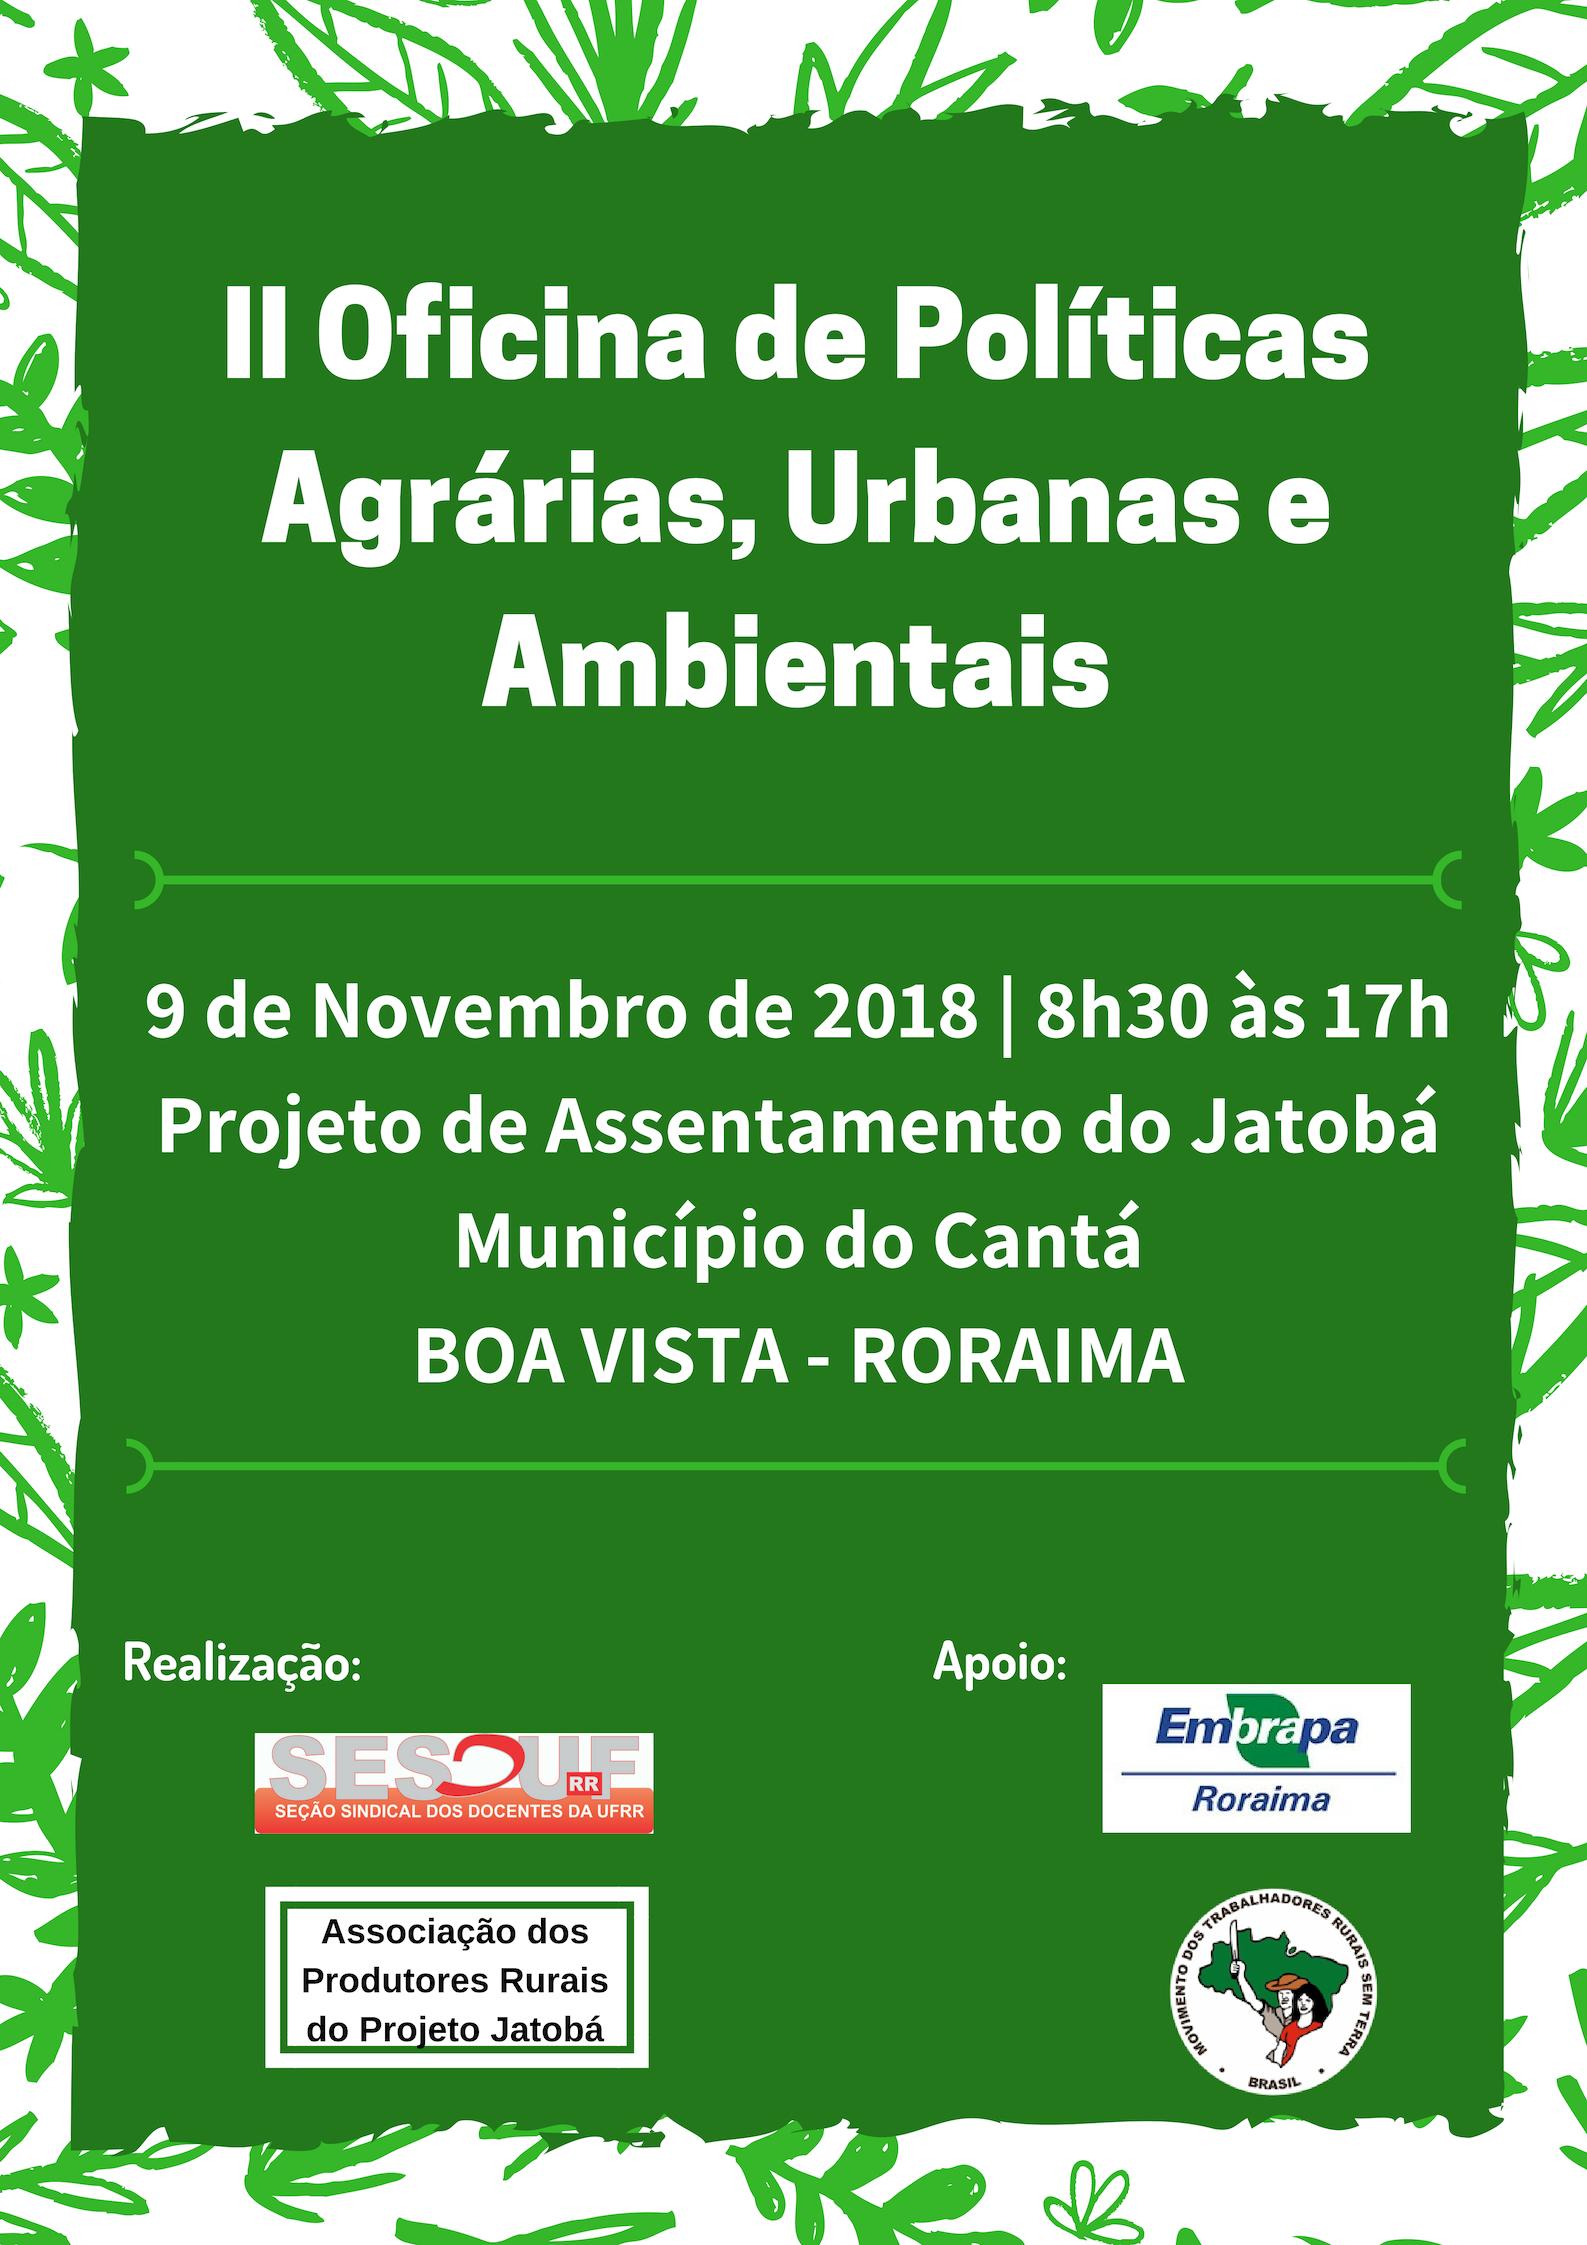 II Oficina  sobre Políticas Agrárias, Urbanas e Ambientais